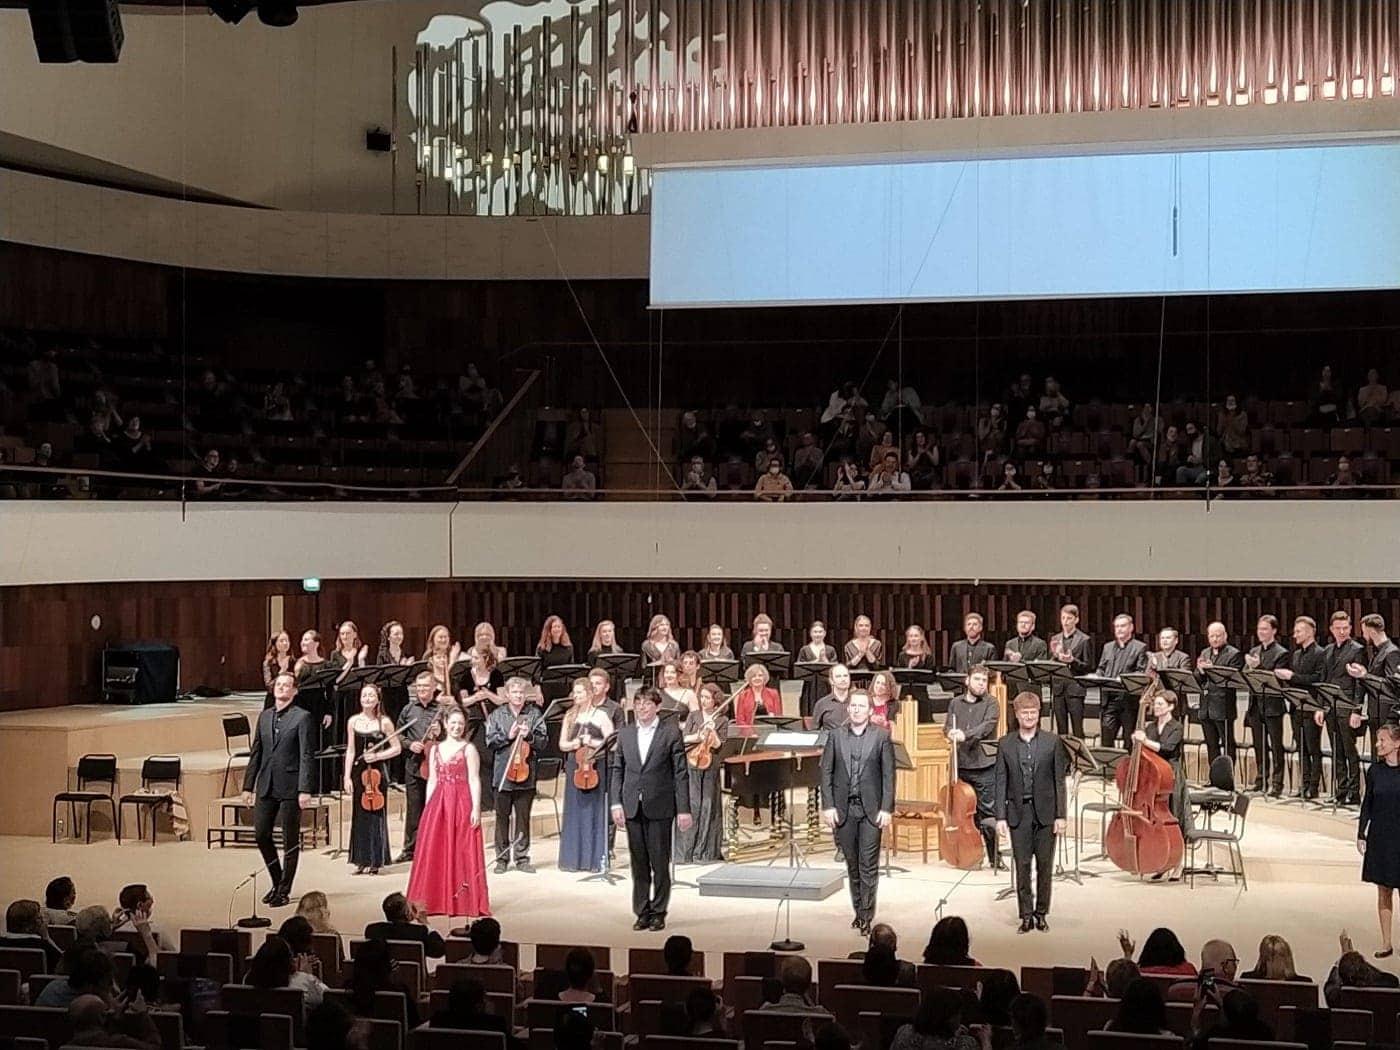 В концертном зале «Зарядье» прозвучало сочинение молодого Генделя «Ацис и Галатея»